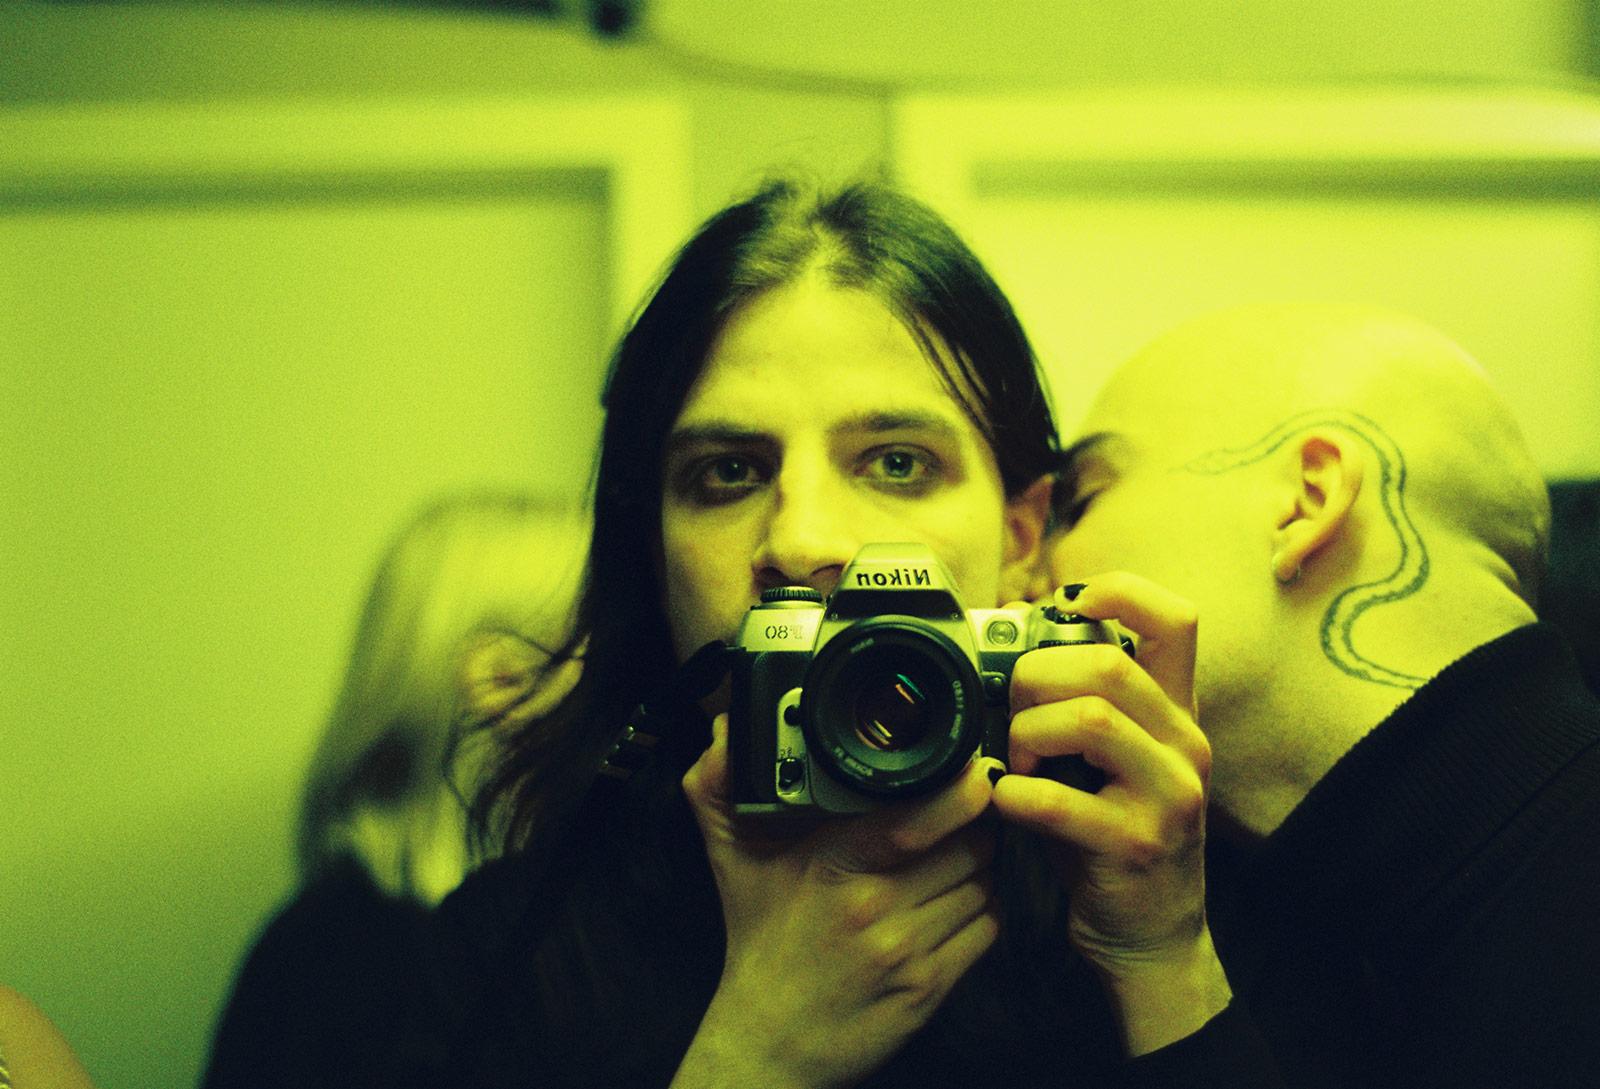 Me and nika